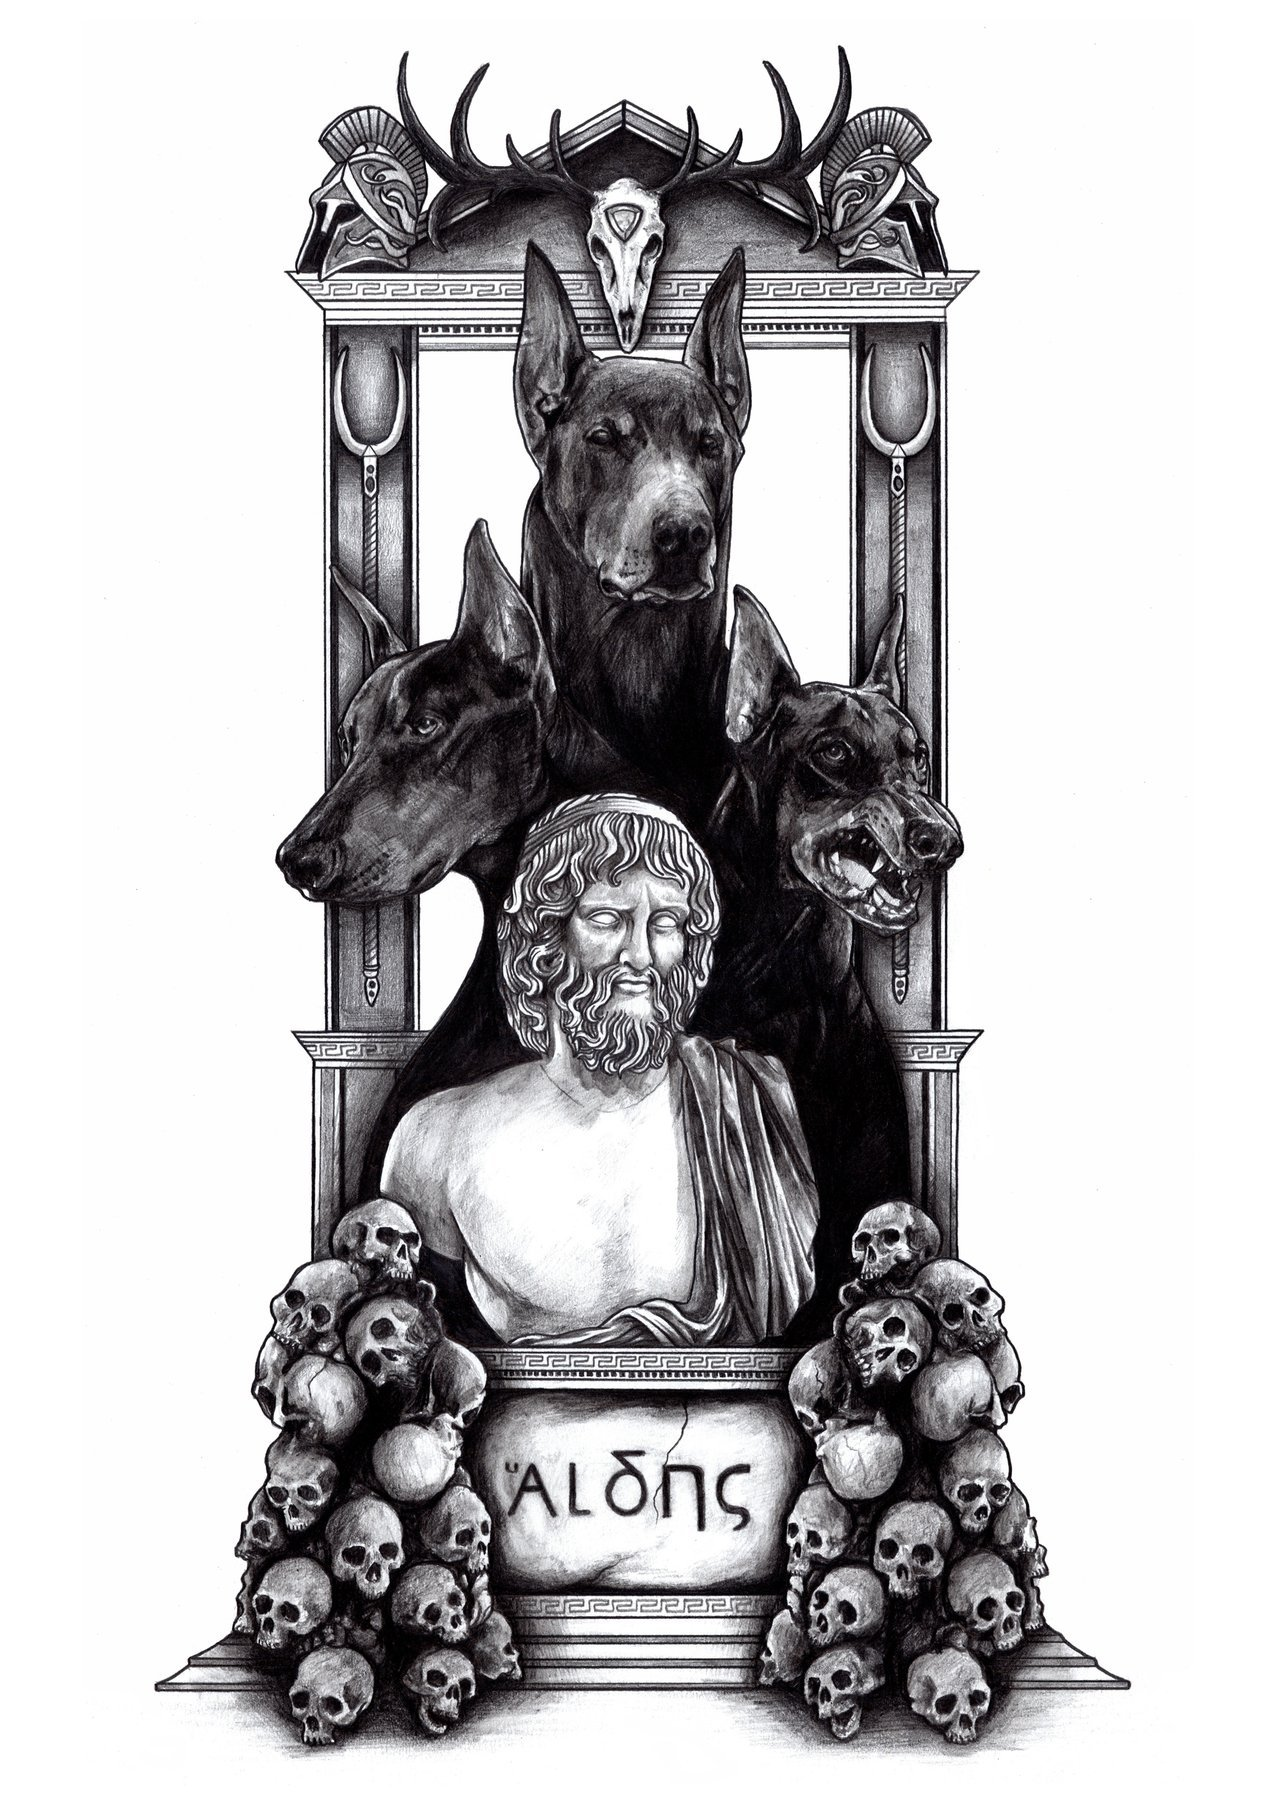 Hades by AaronKingIllustrator on deviantART